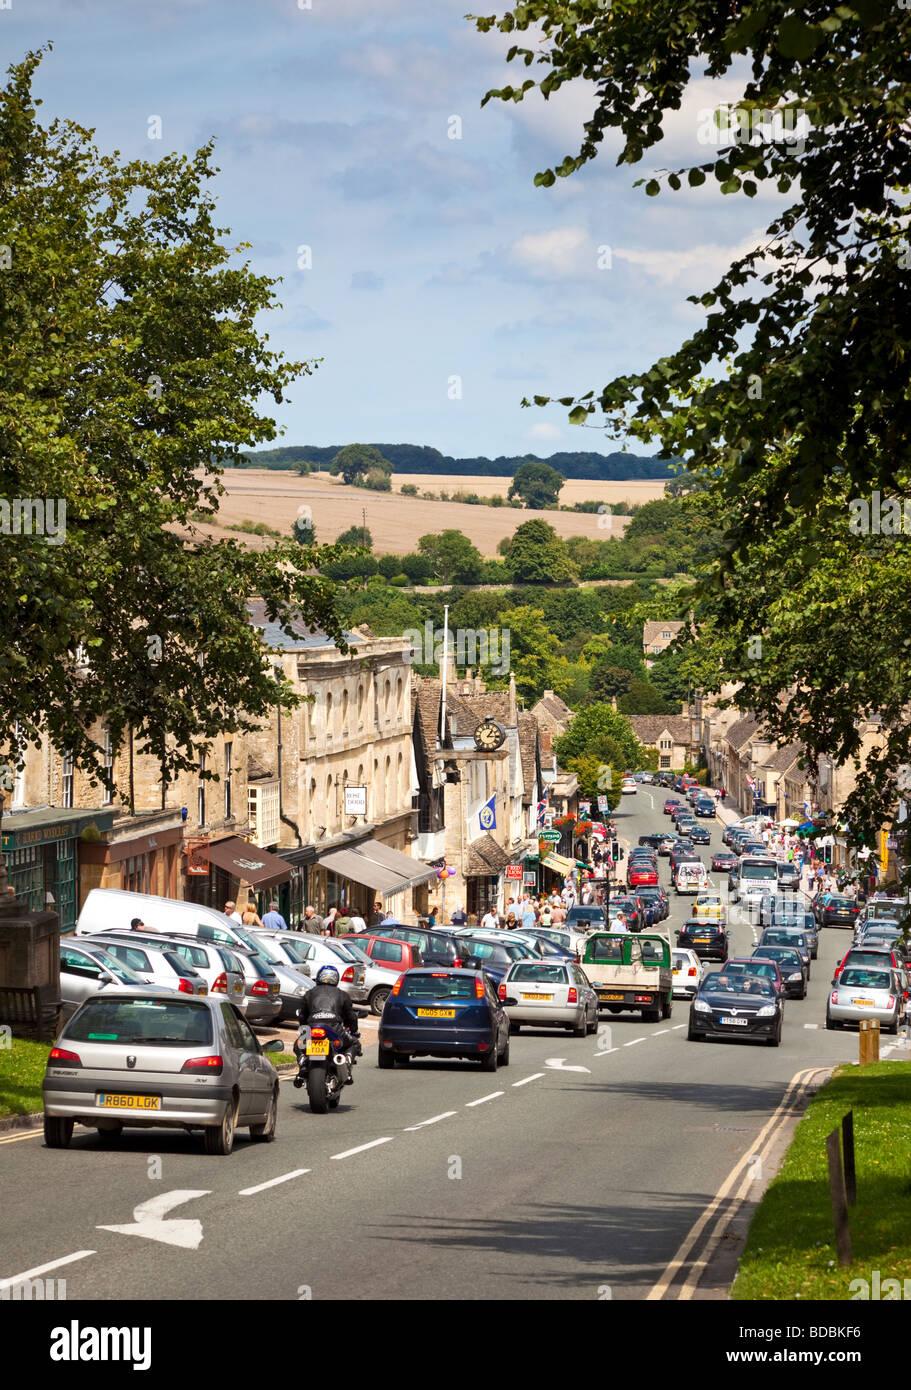 Atasco de tráfico en la ciudad de Cotswolds Burford, Oxfordshire, REINO UNIDO - en temporada alta Imagen De Stock